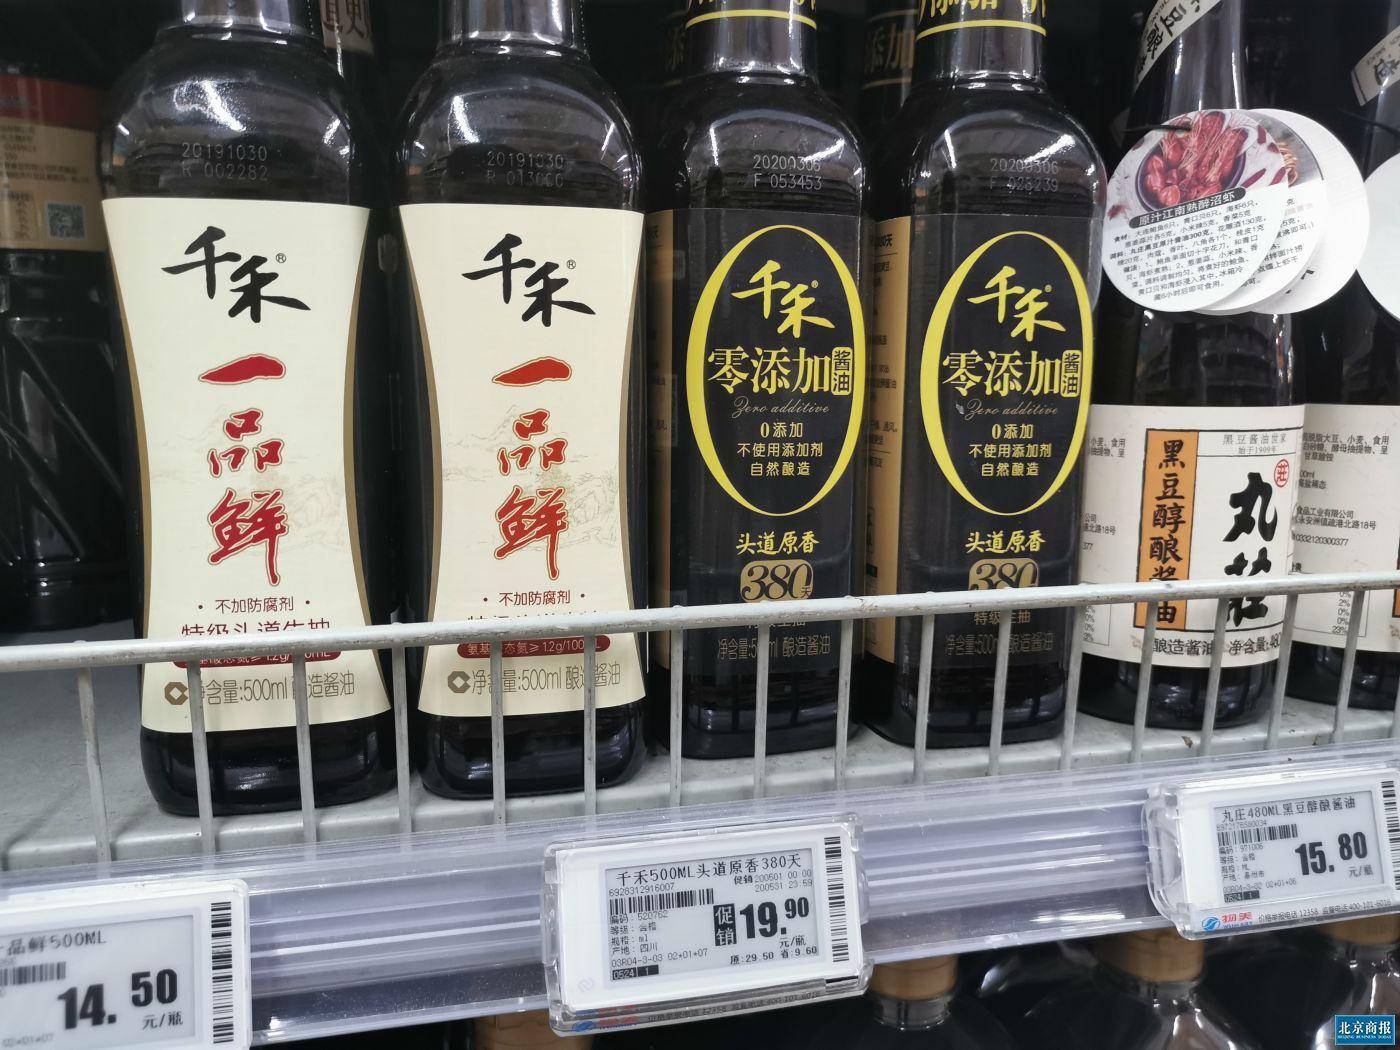 频繁促销 千禾味业高端酱油难撑高价